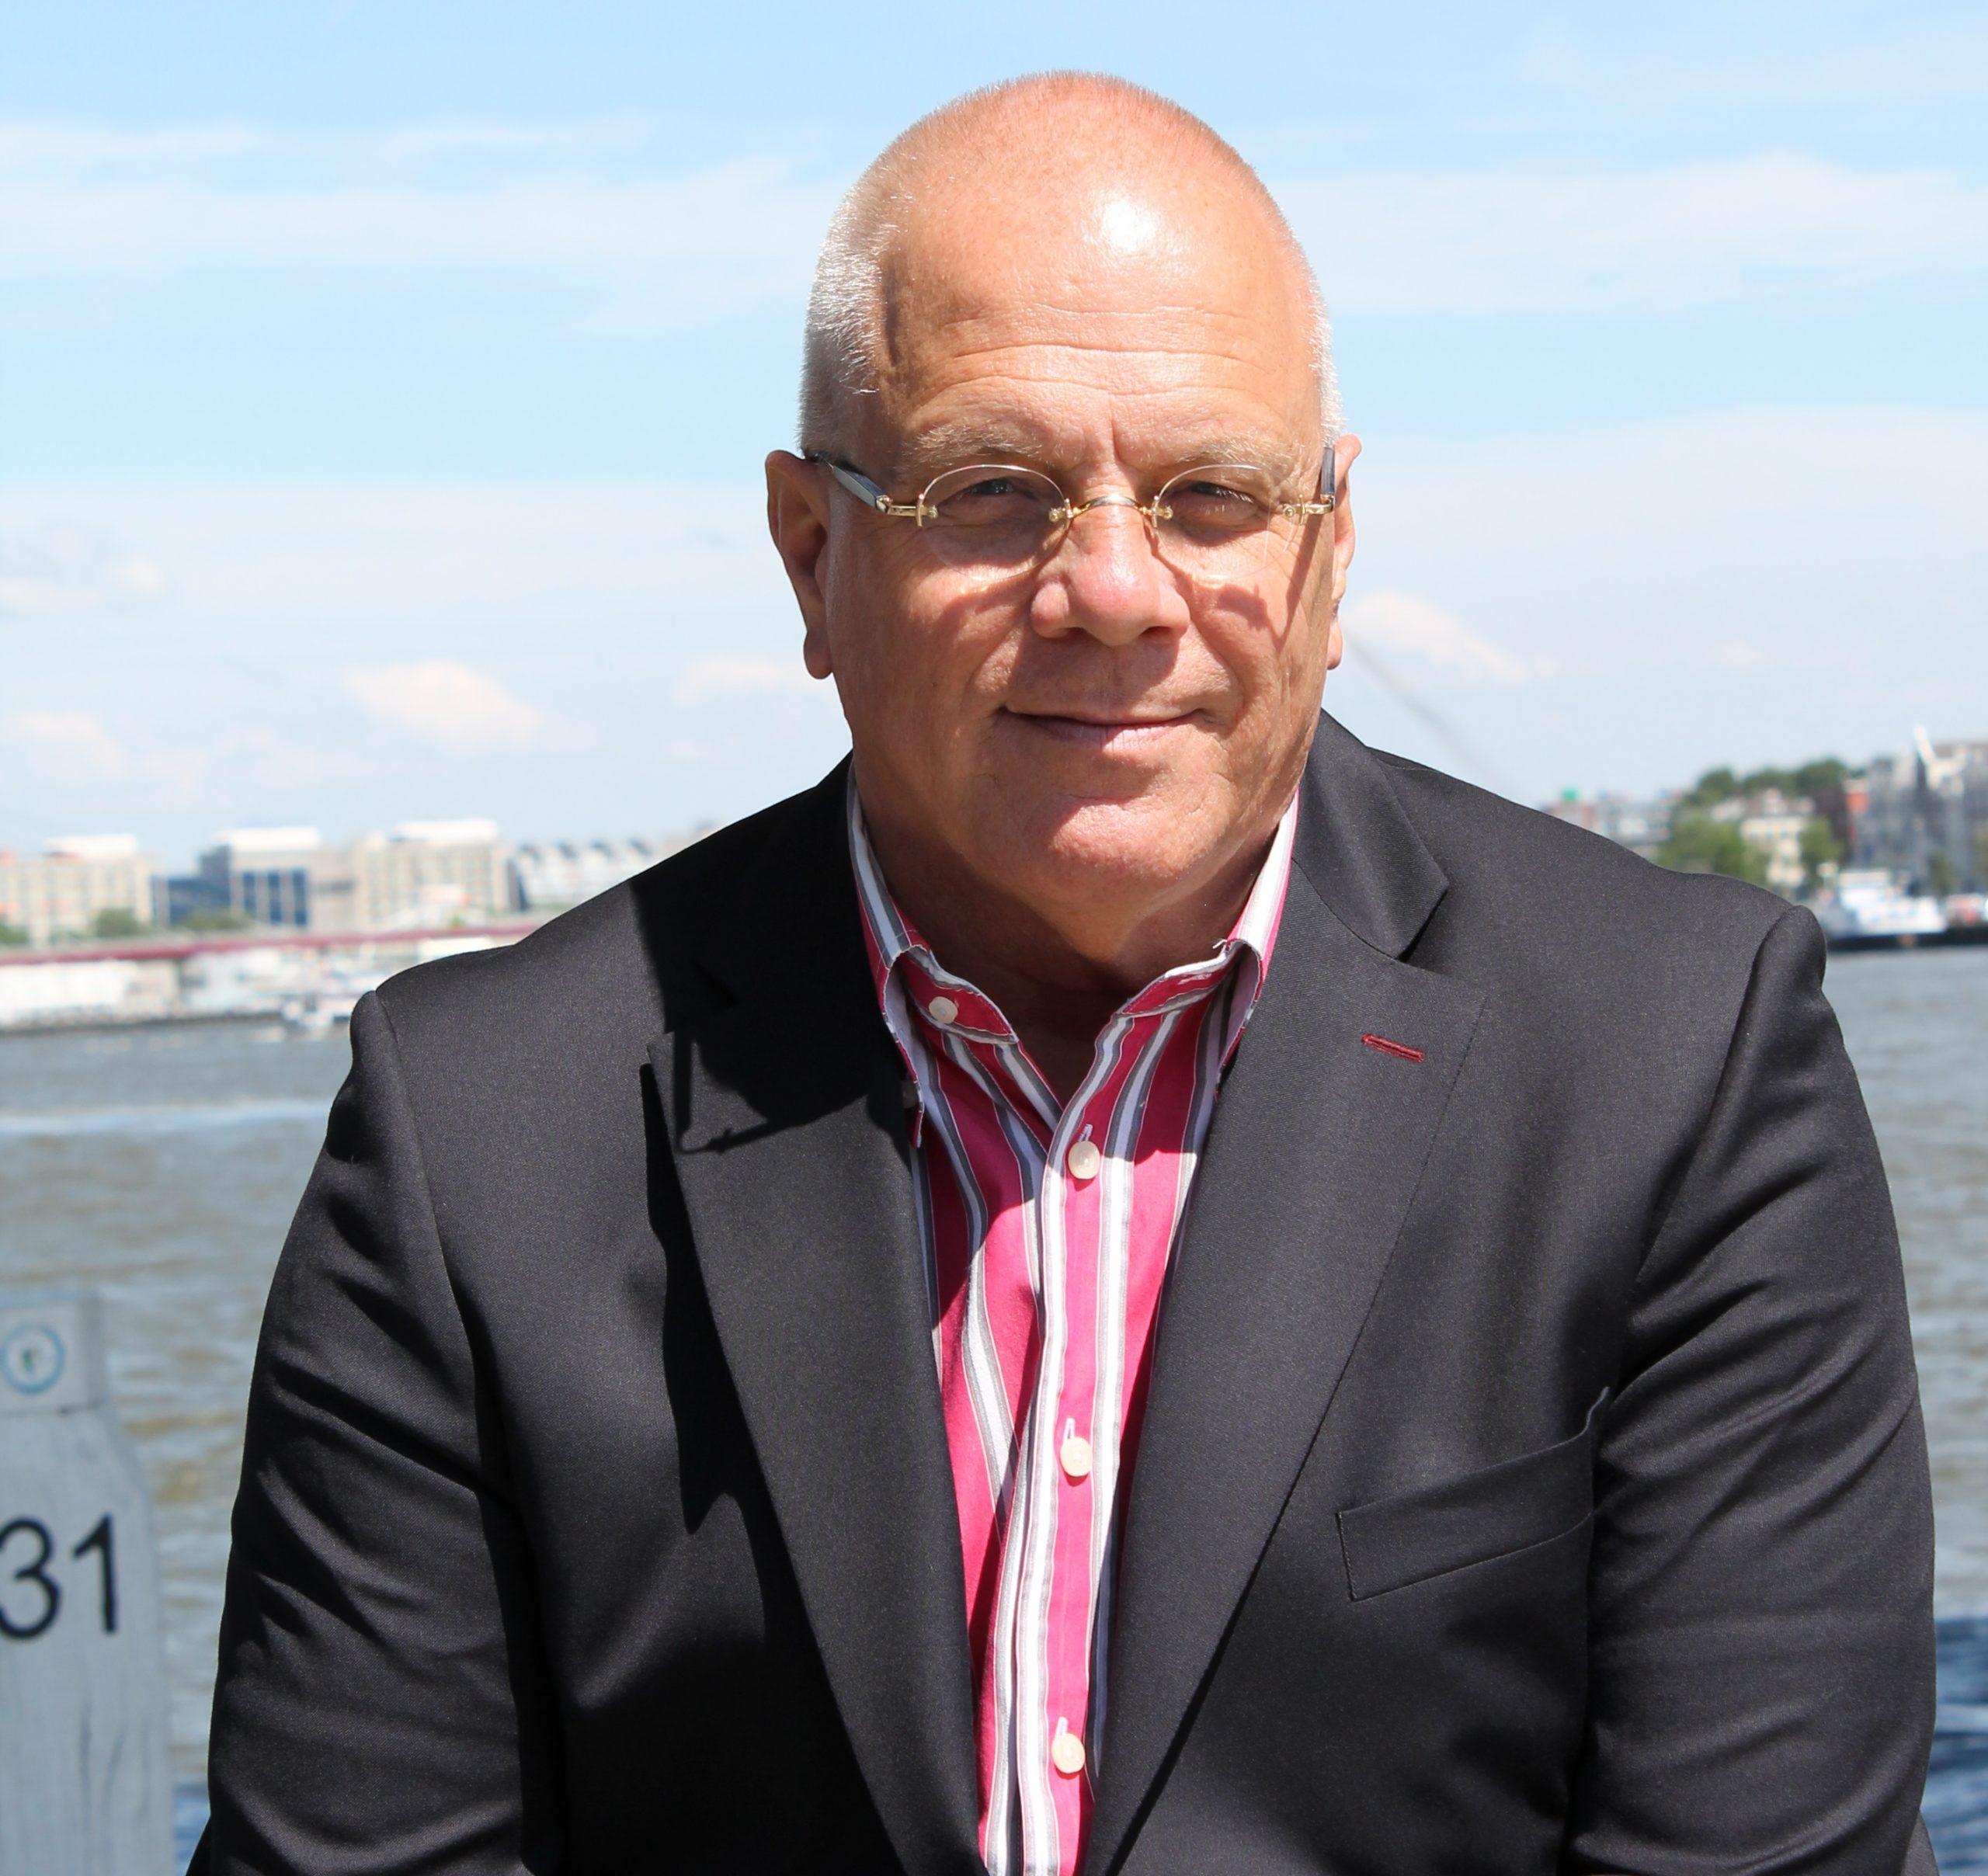 Henk Arntz